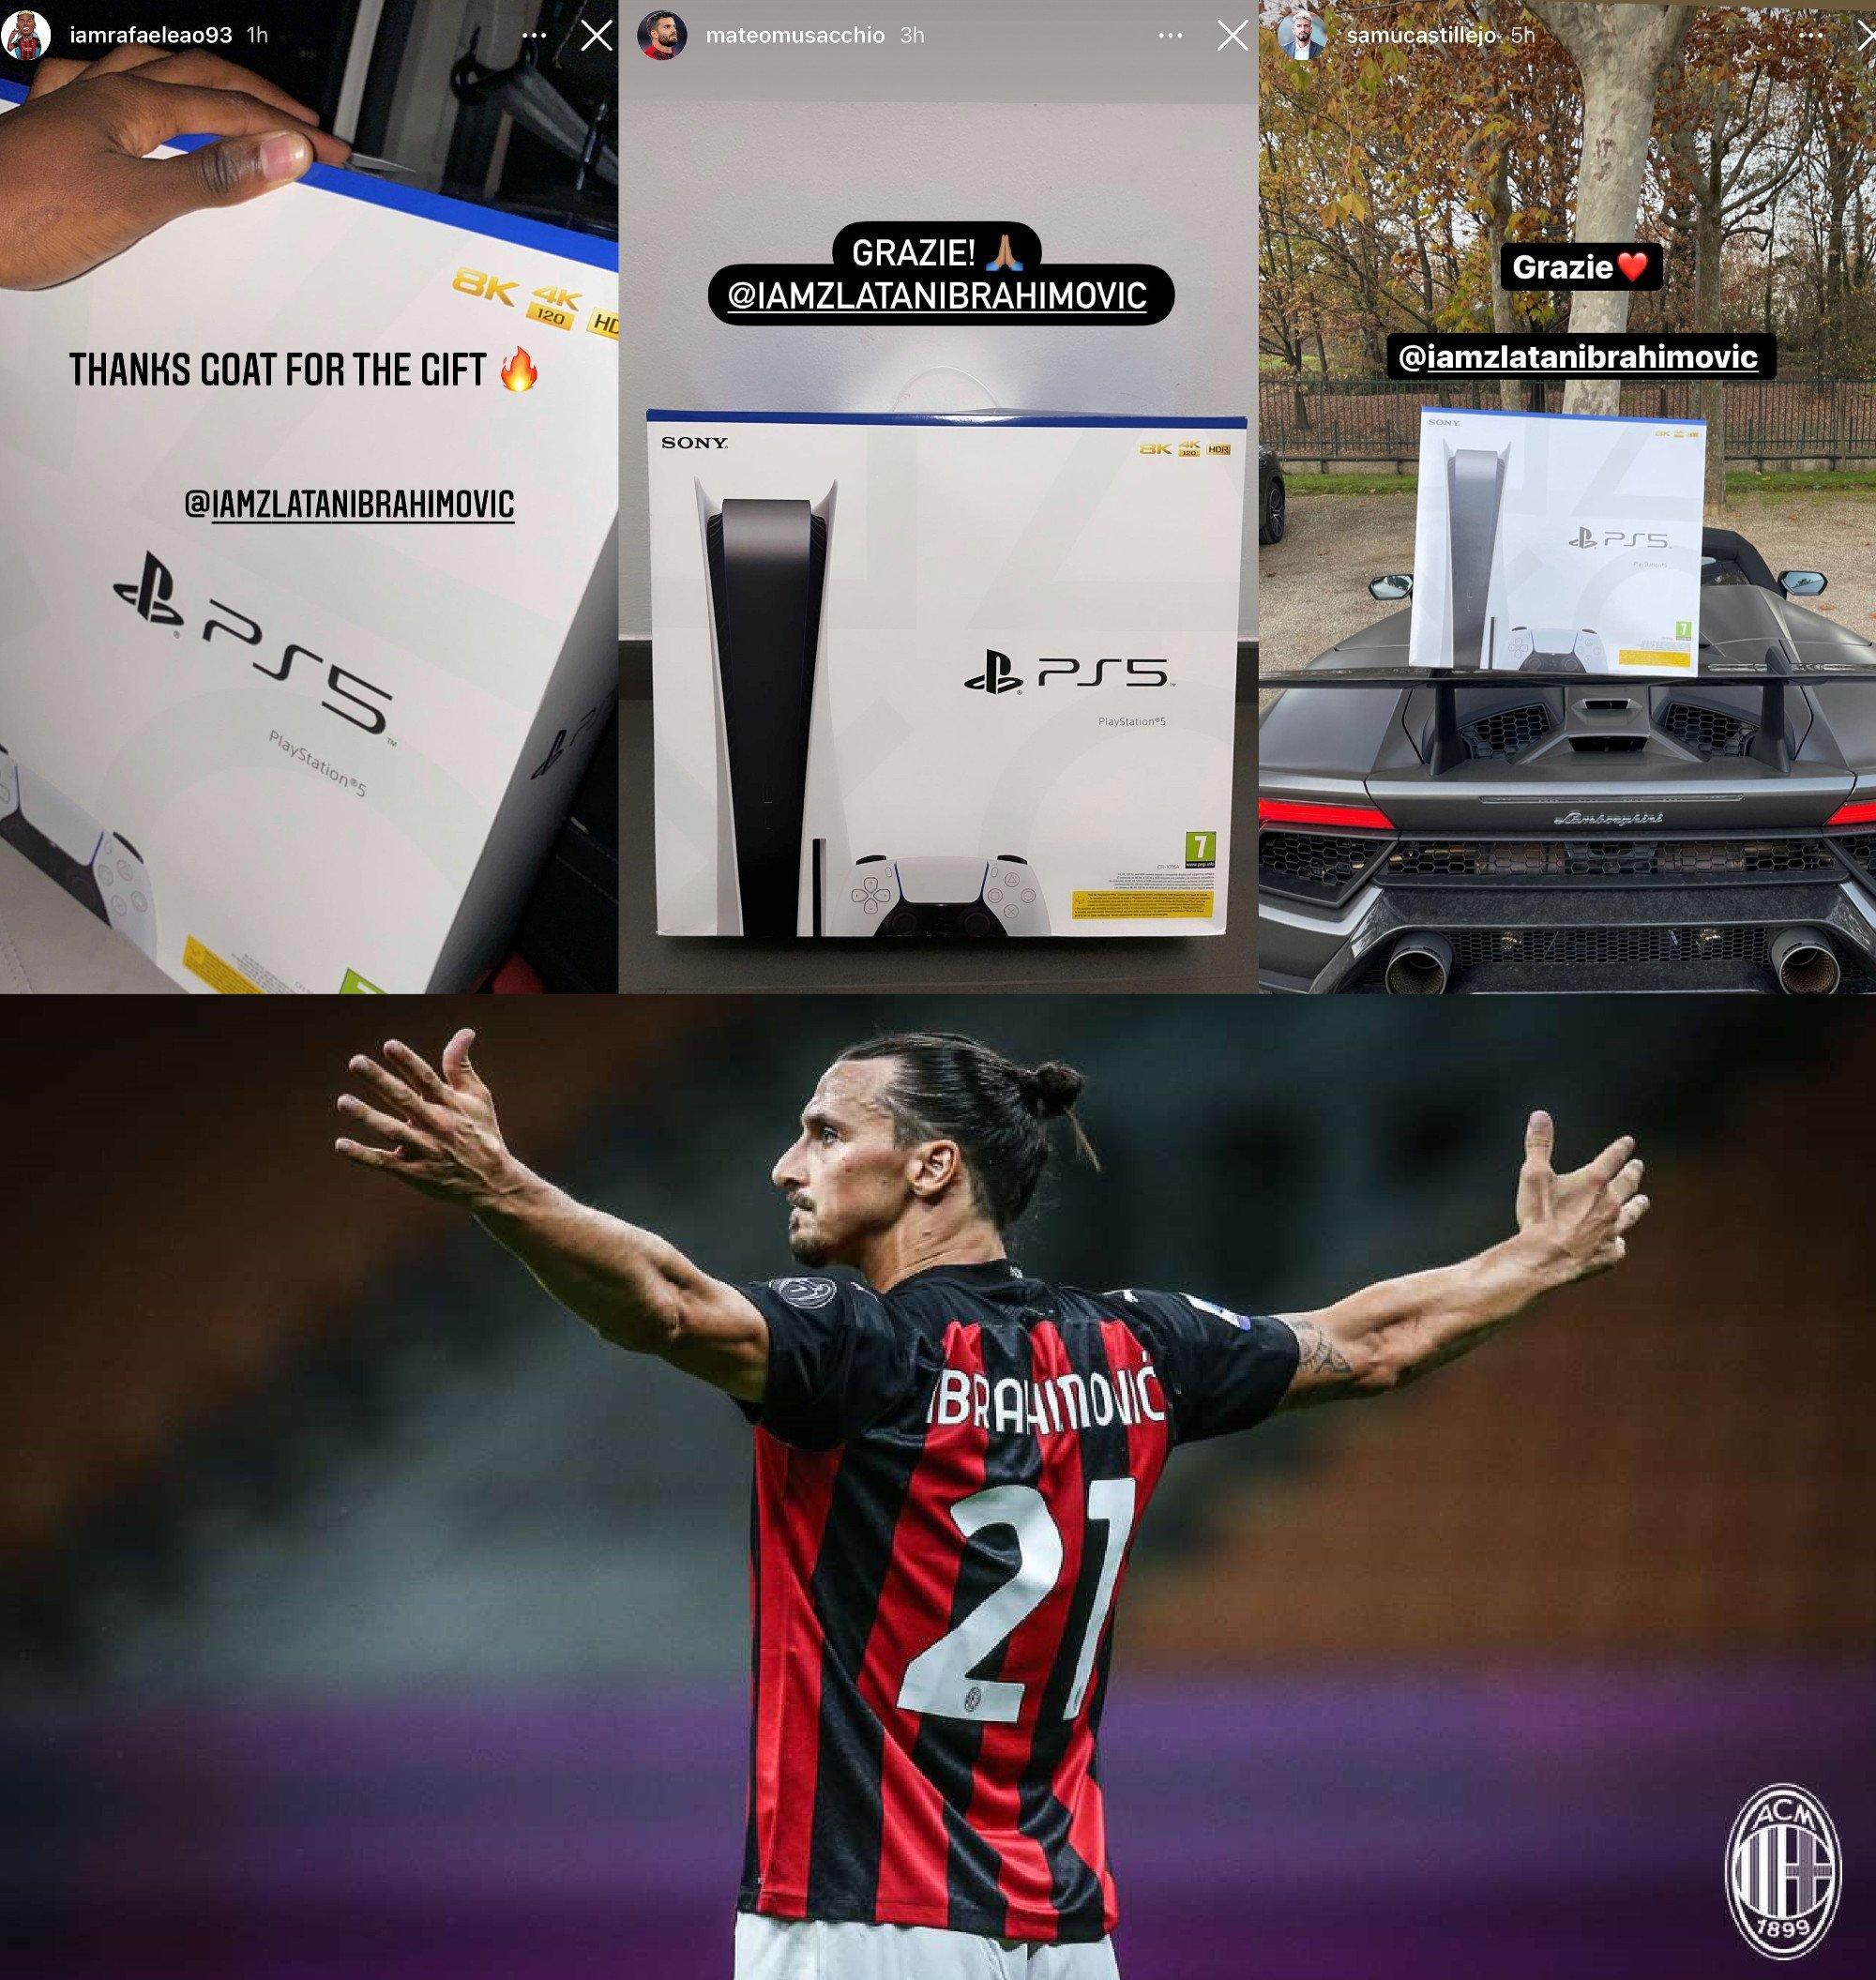 Ибрагимович подарил одноклубникам консоли PlayStation 5